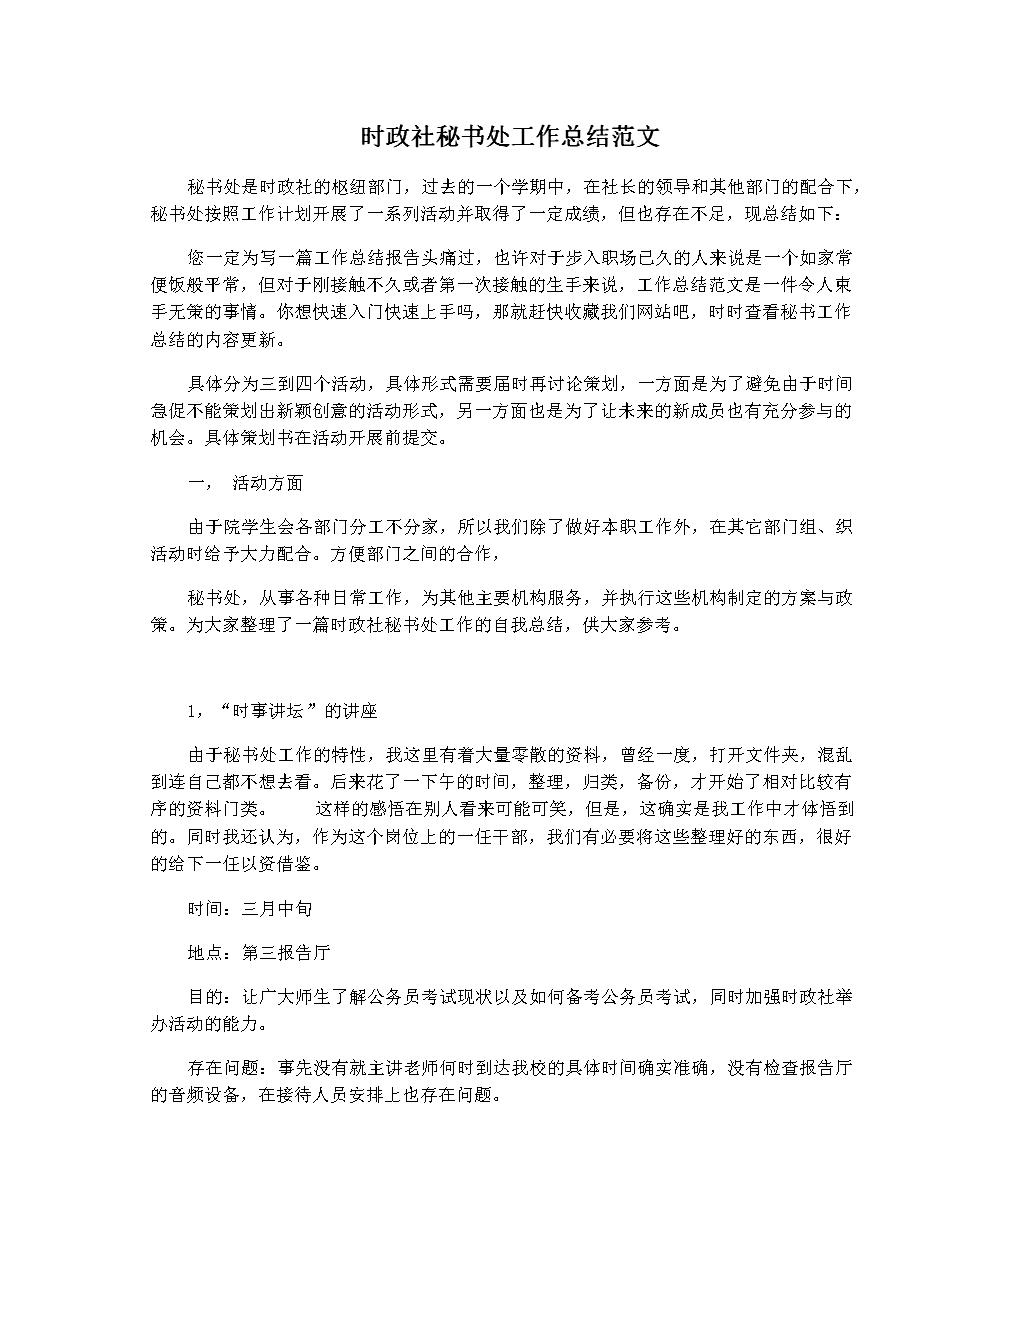 时政社秘书处工作总结范文.docx